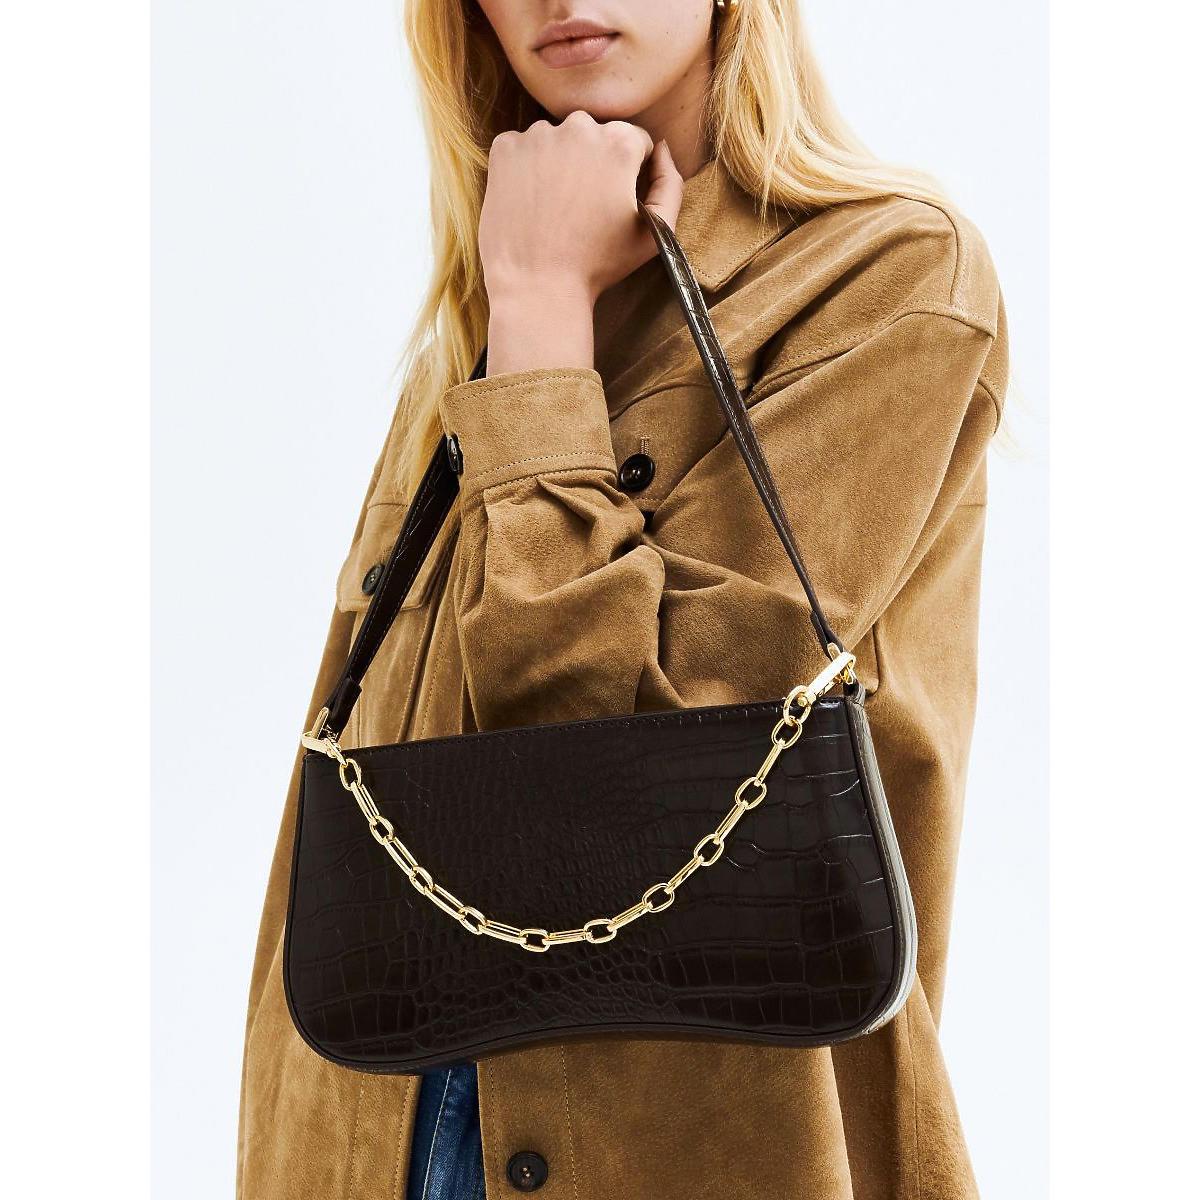 Torebka Reserved brązowa w stylu Diora